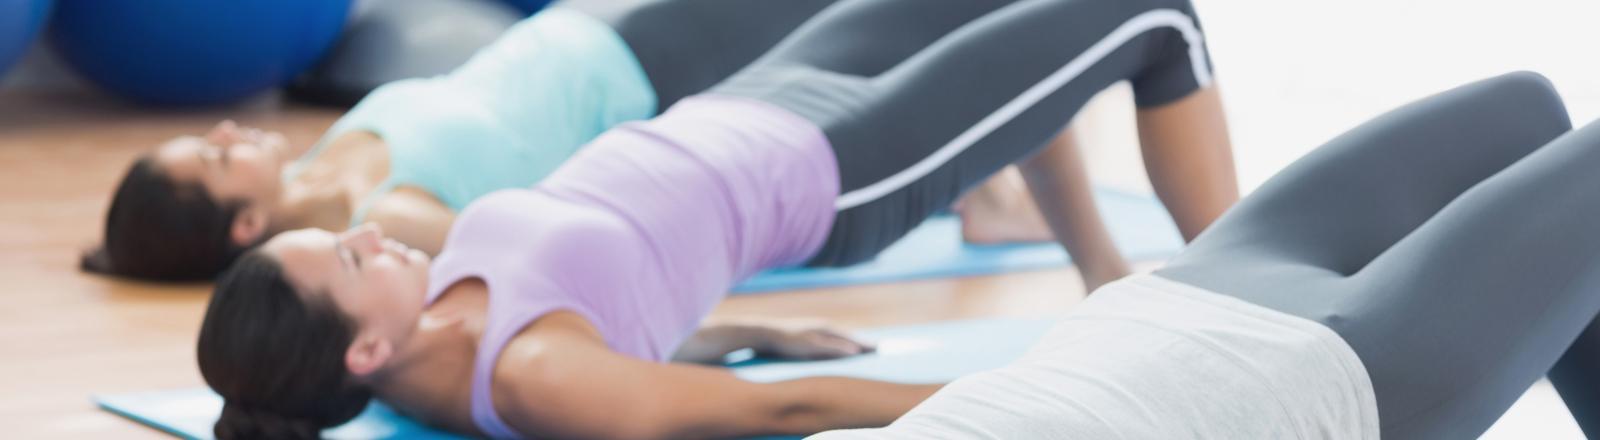 clases de ejercicio grupal